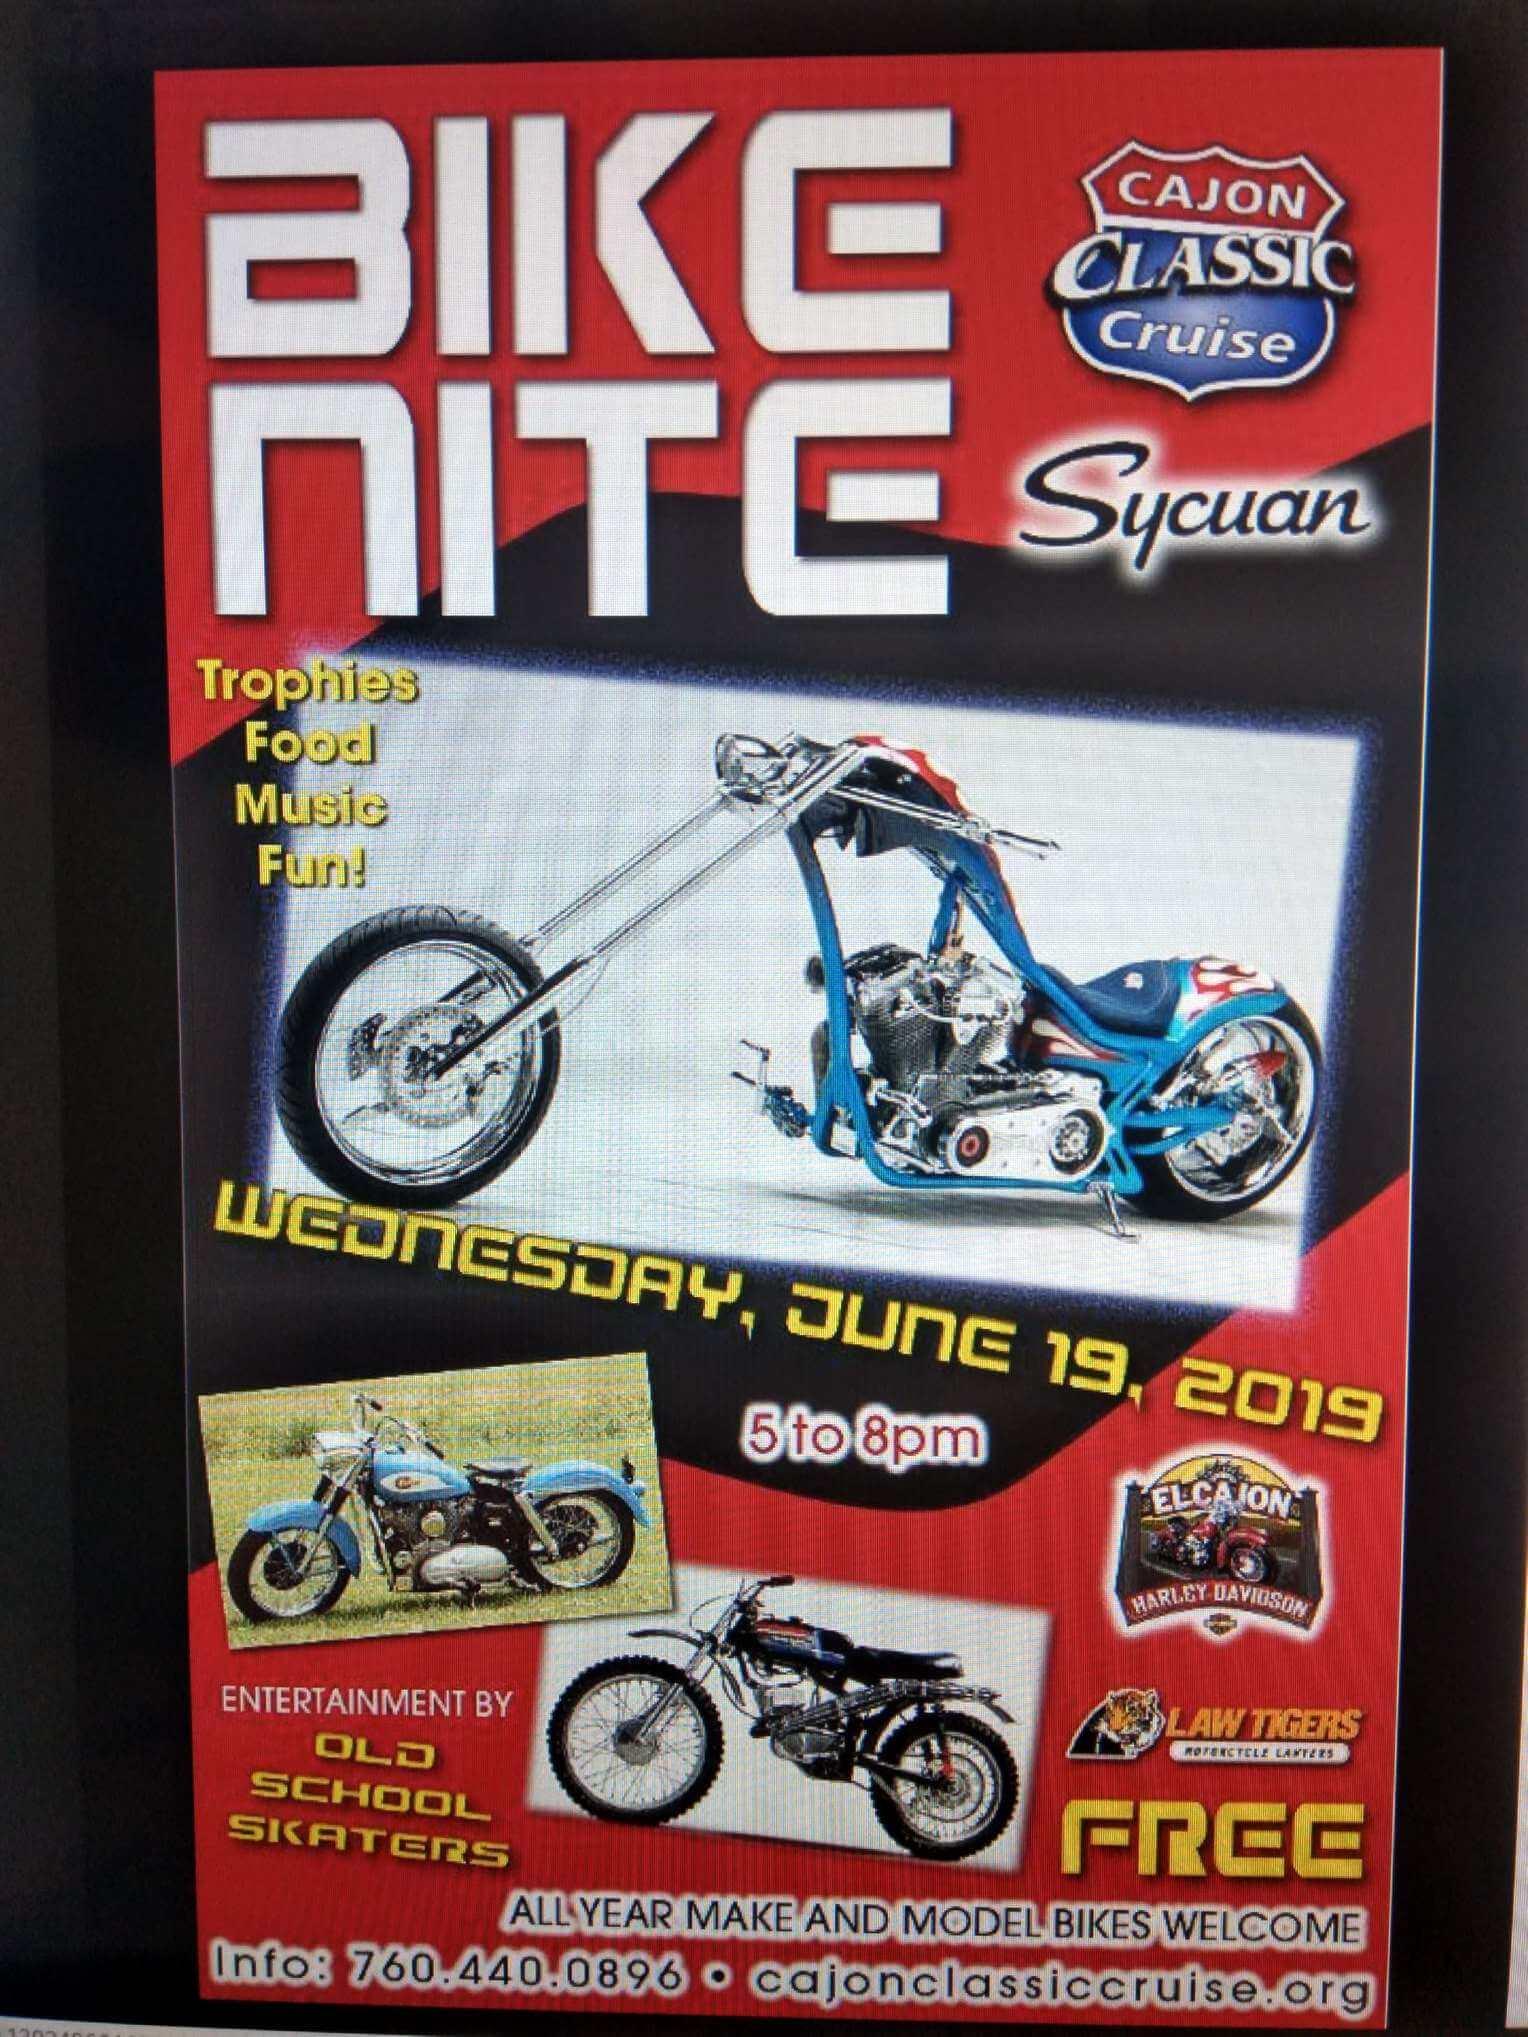 Cajon Cruise Bike Night